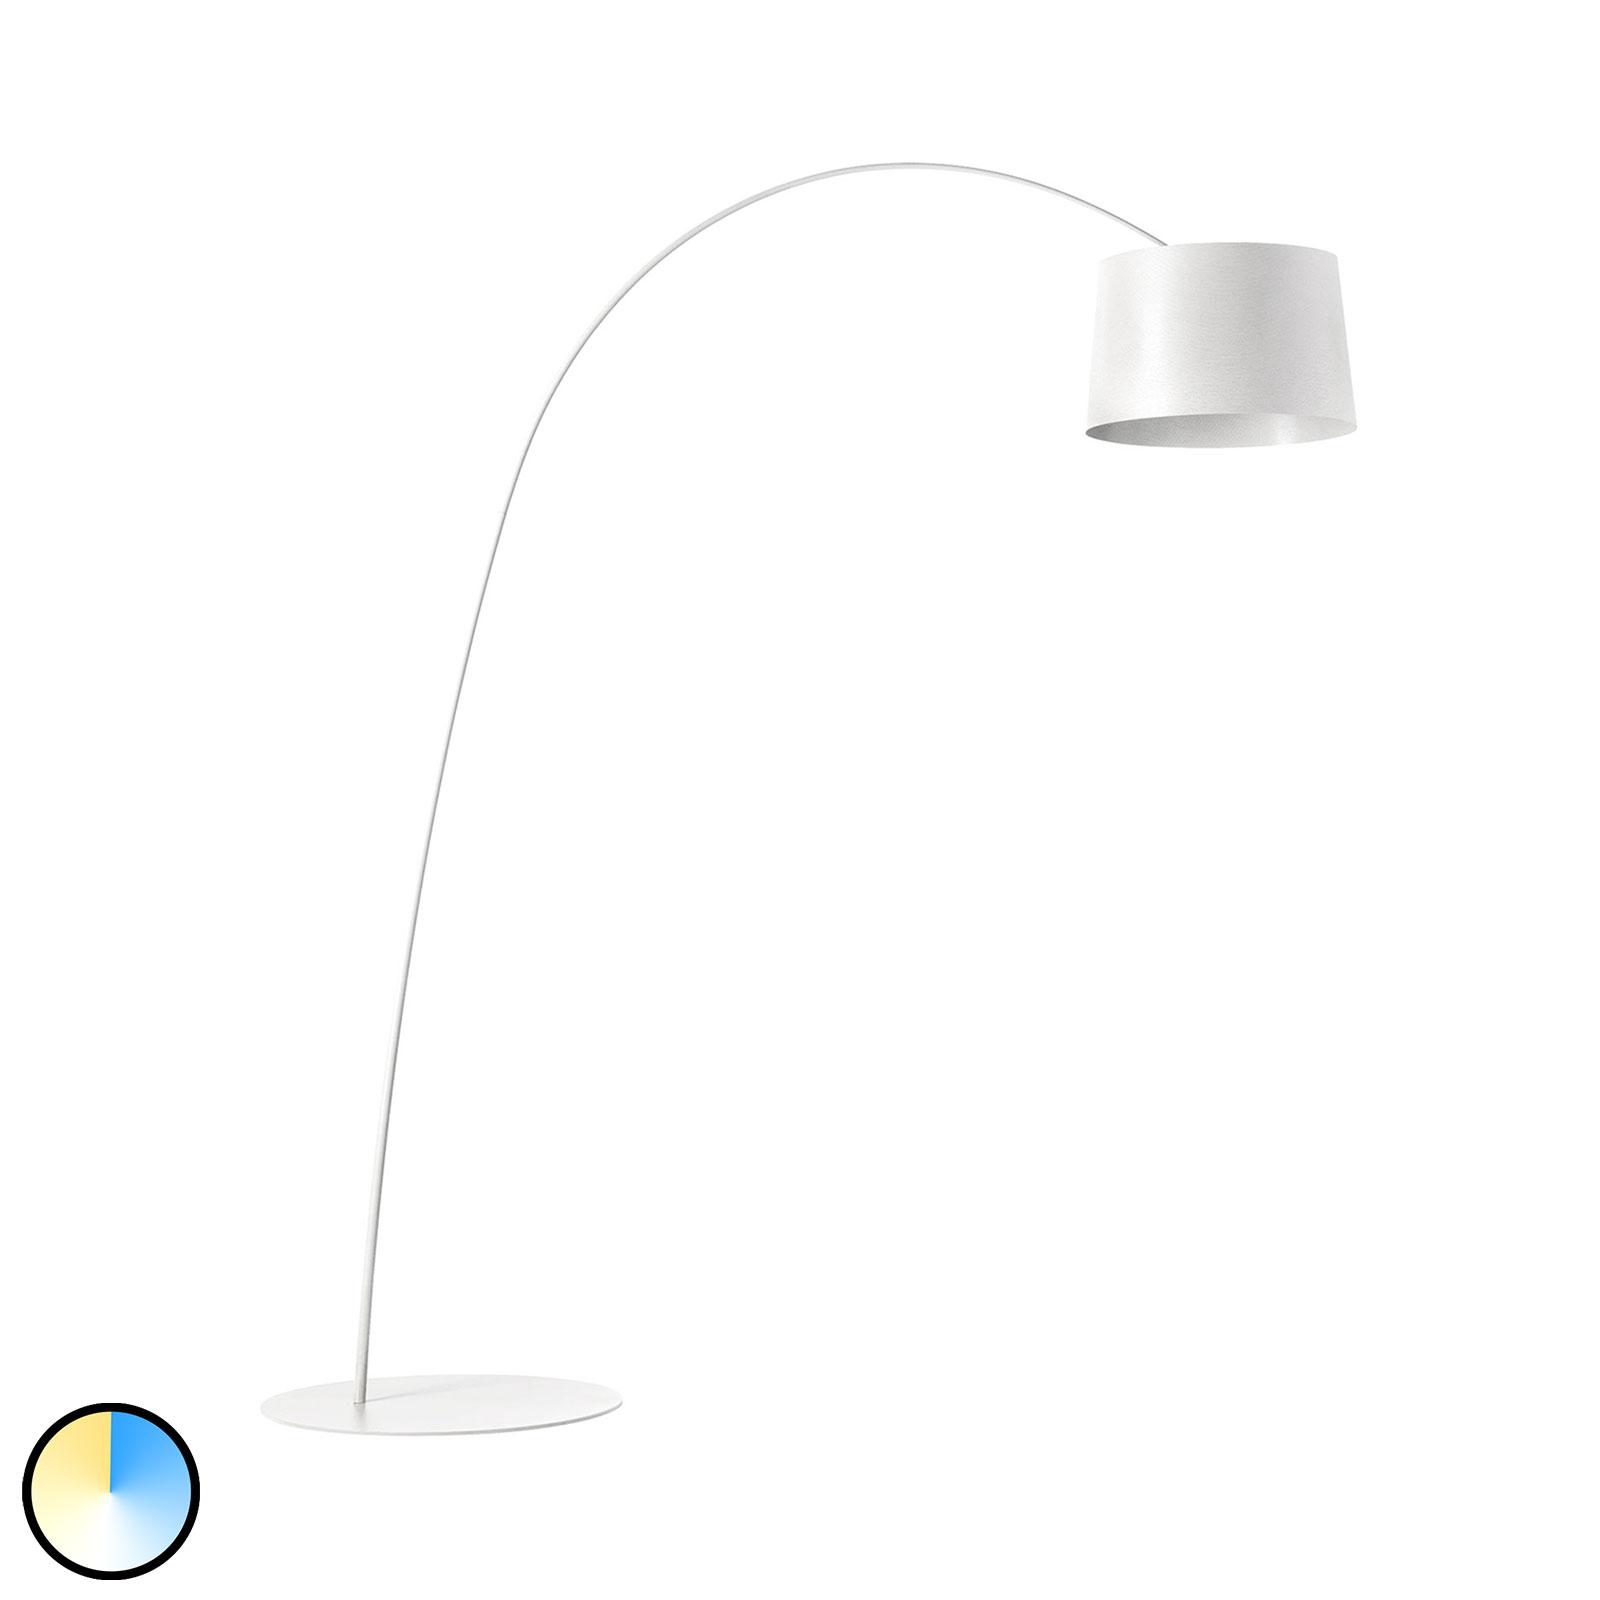 Foscarini MyLight Twiggy lampa łukowa LED, biała